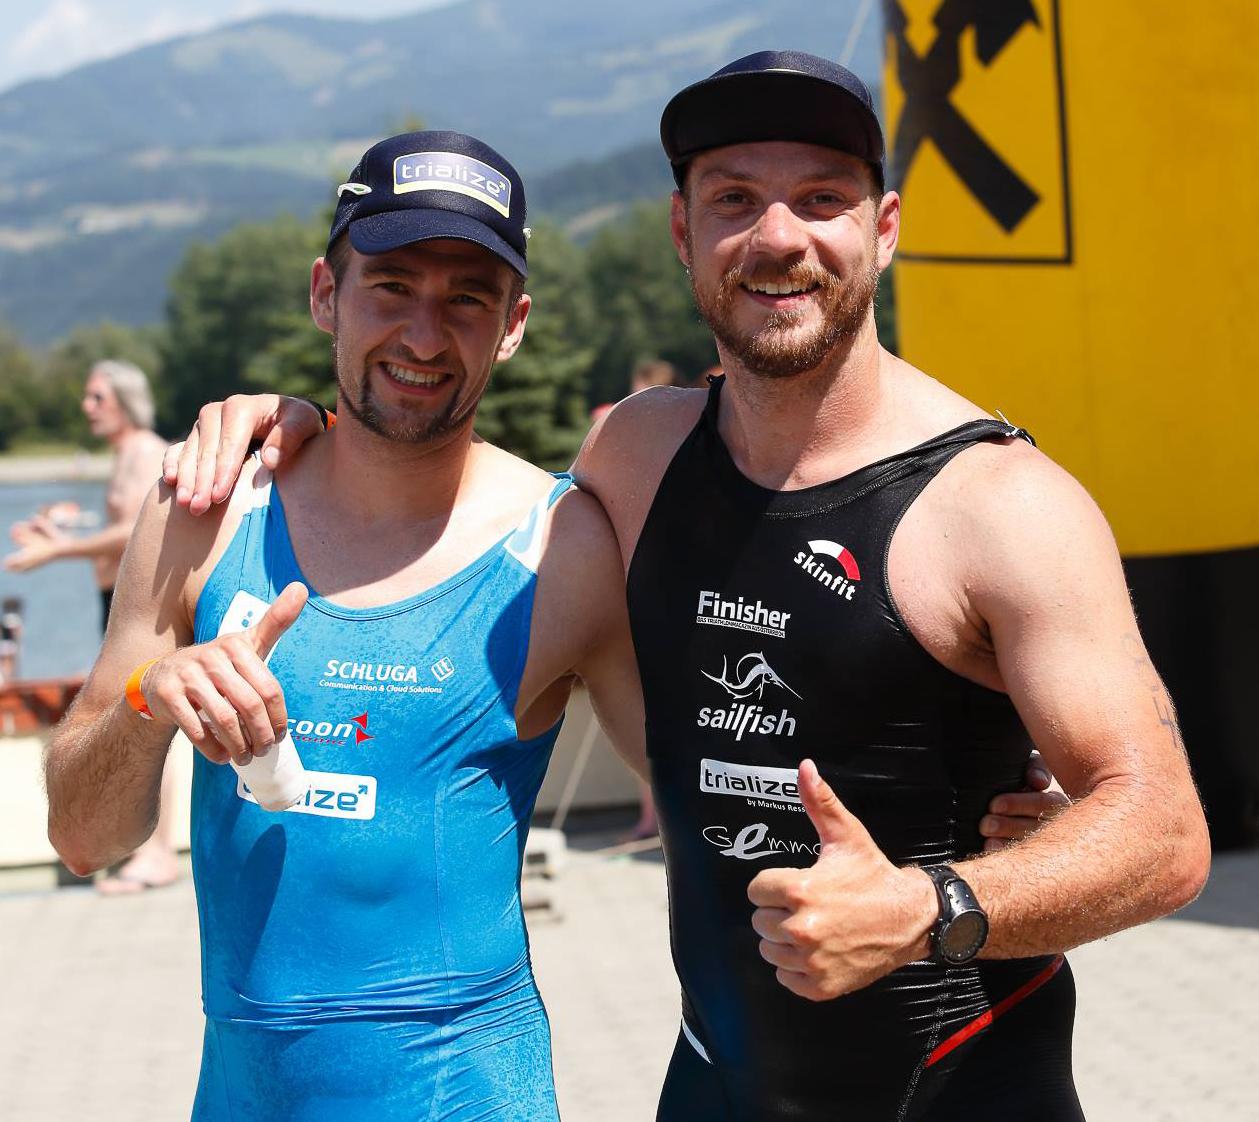 Happy im Ziel zu sein mit Martin vom Finisher Team - gratuliere zu deiner starken Leistung!